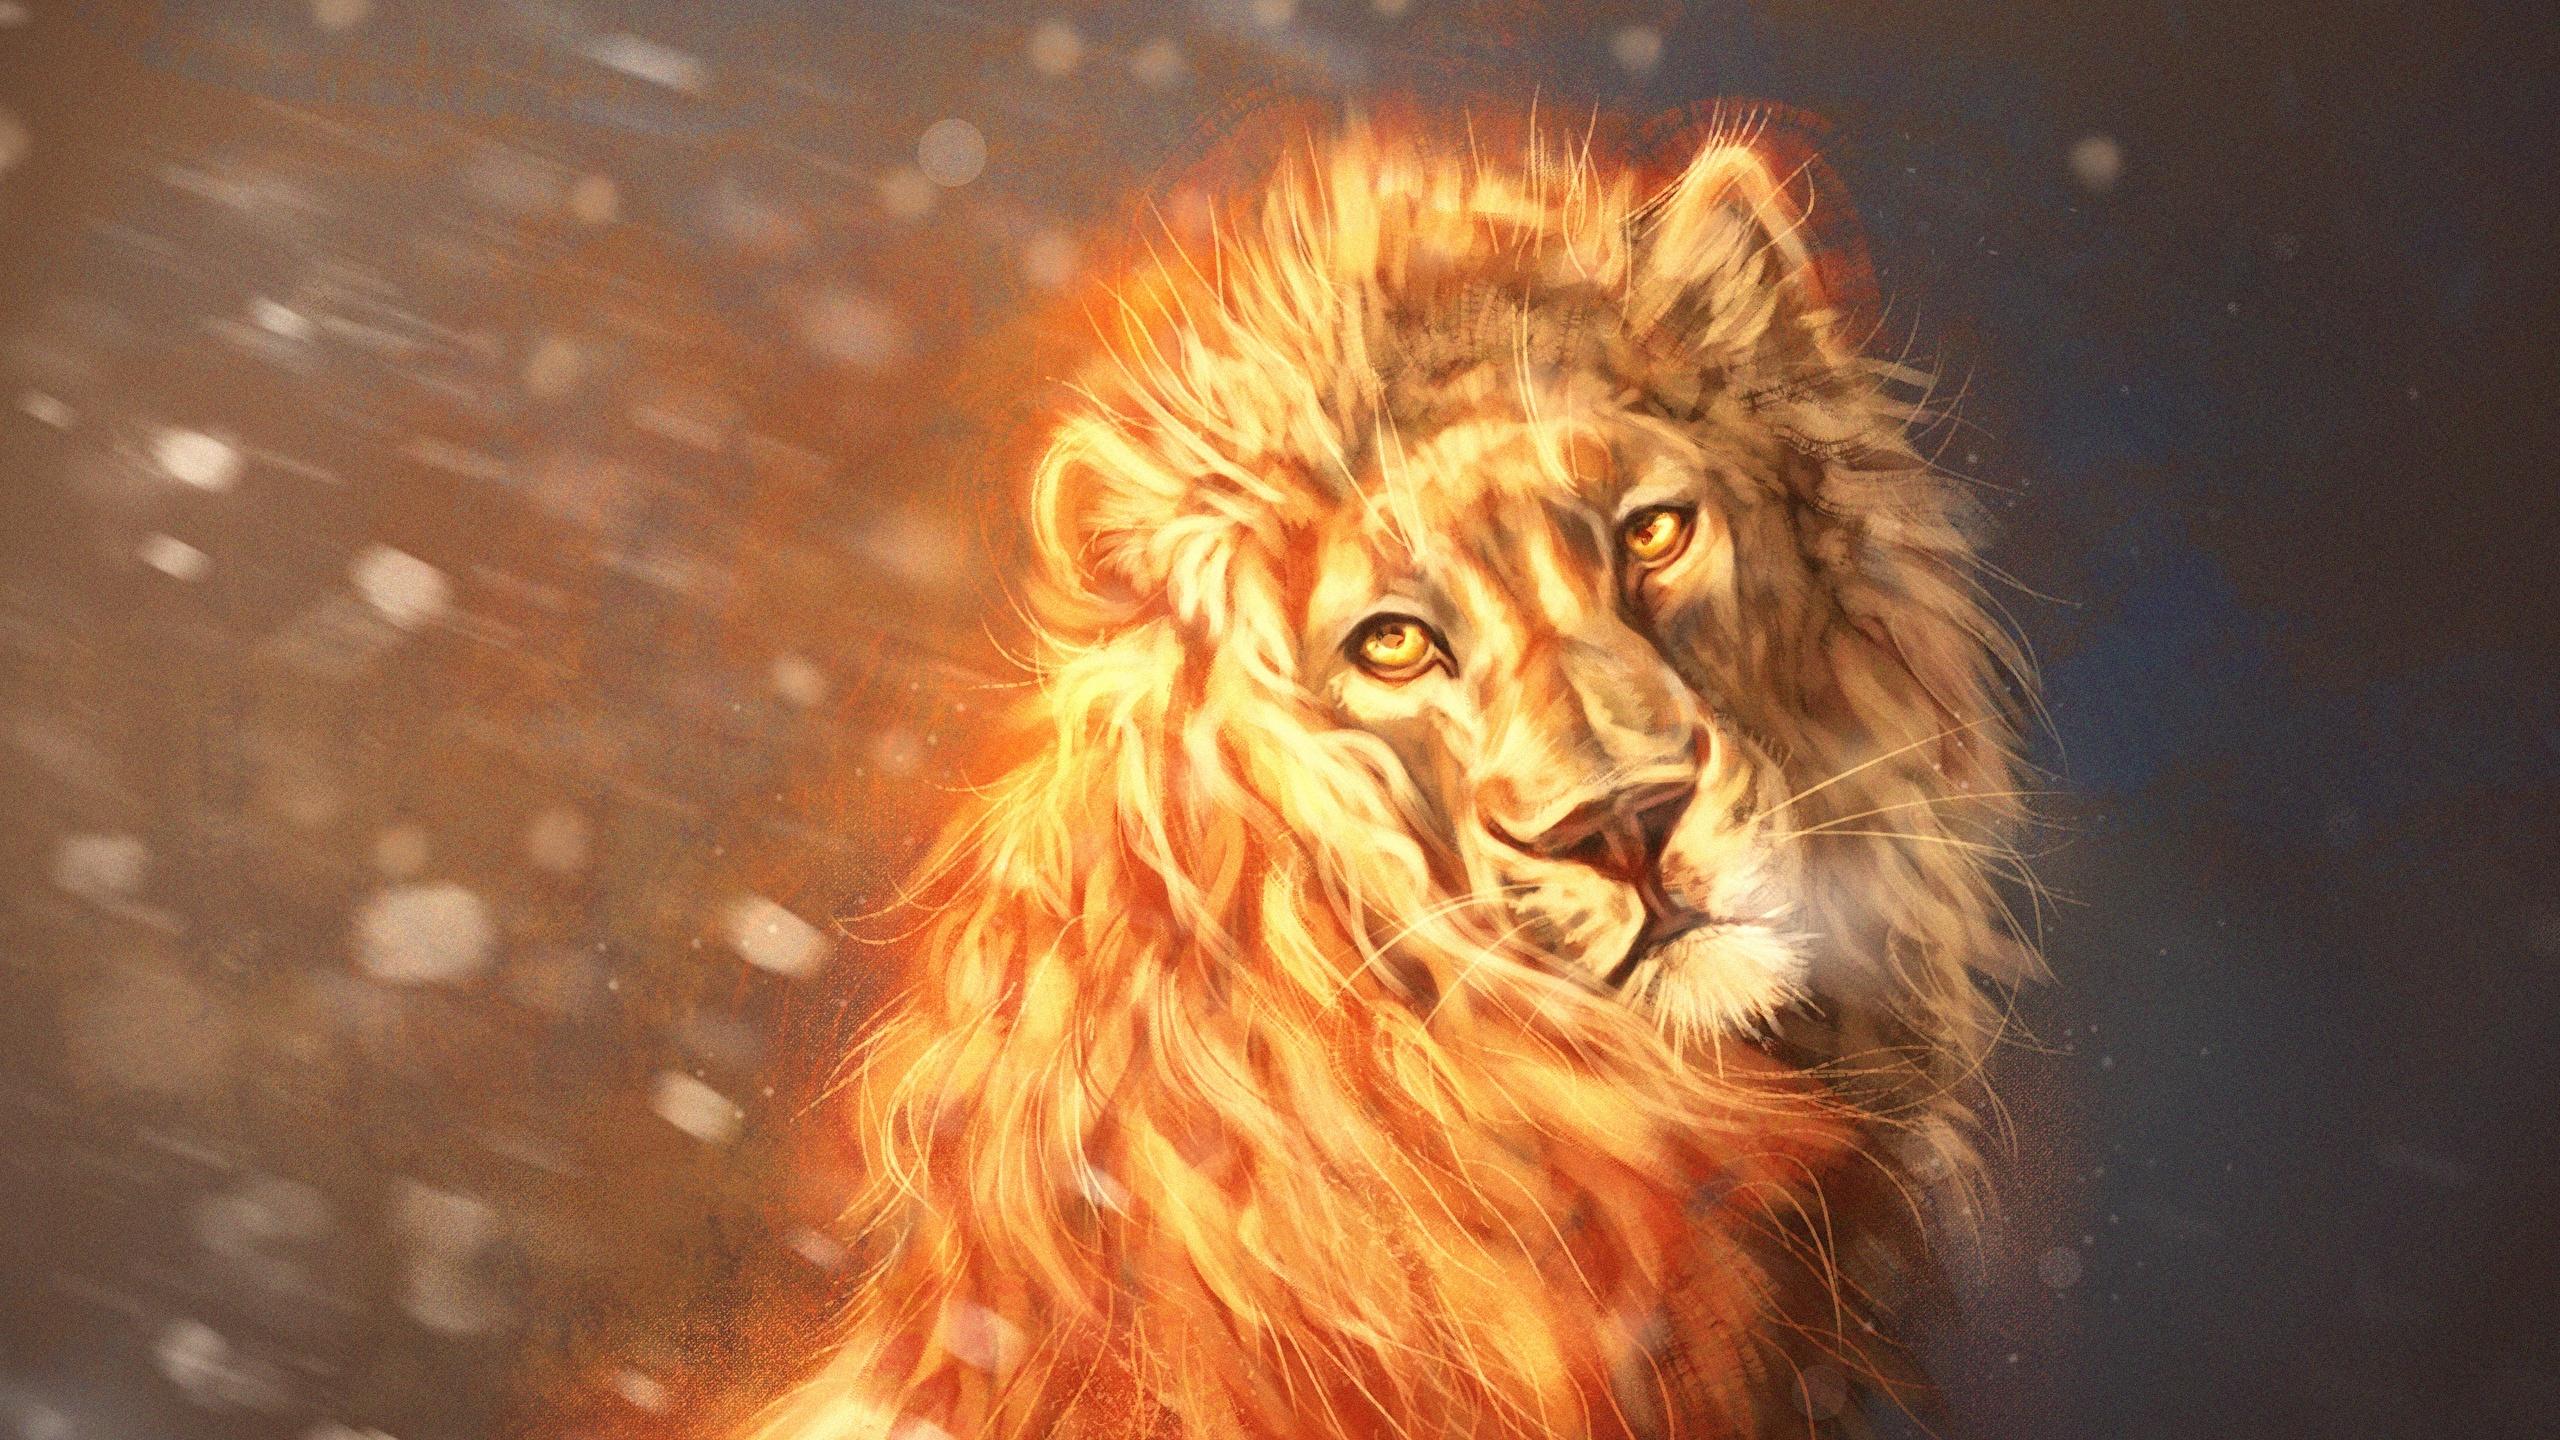 Fonds Decran 2560x1440 Lions Feu By Lesventie Voir Fantasy